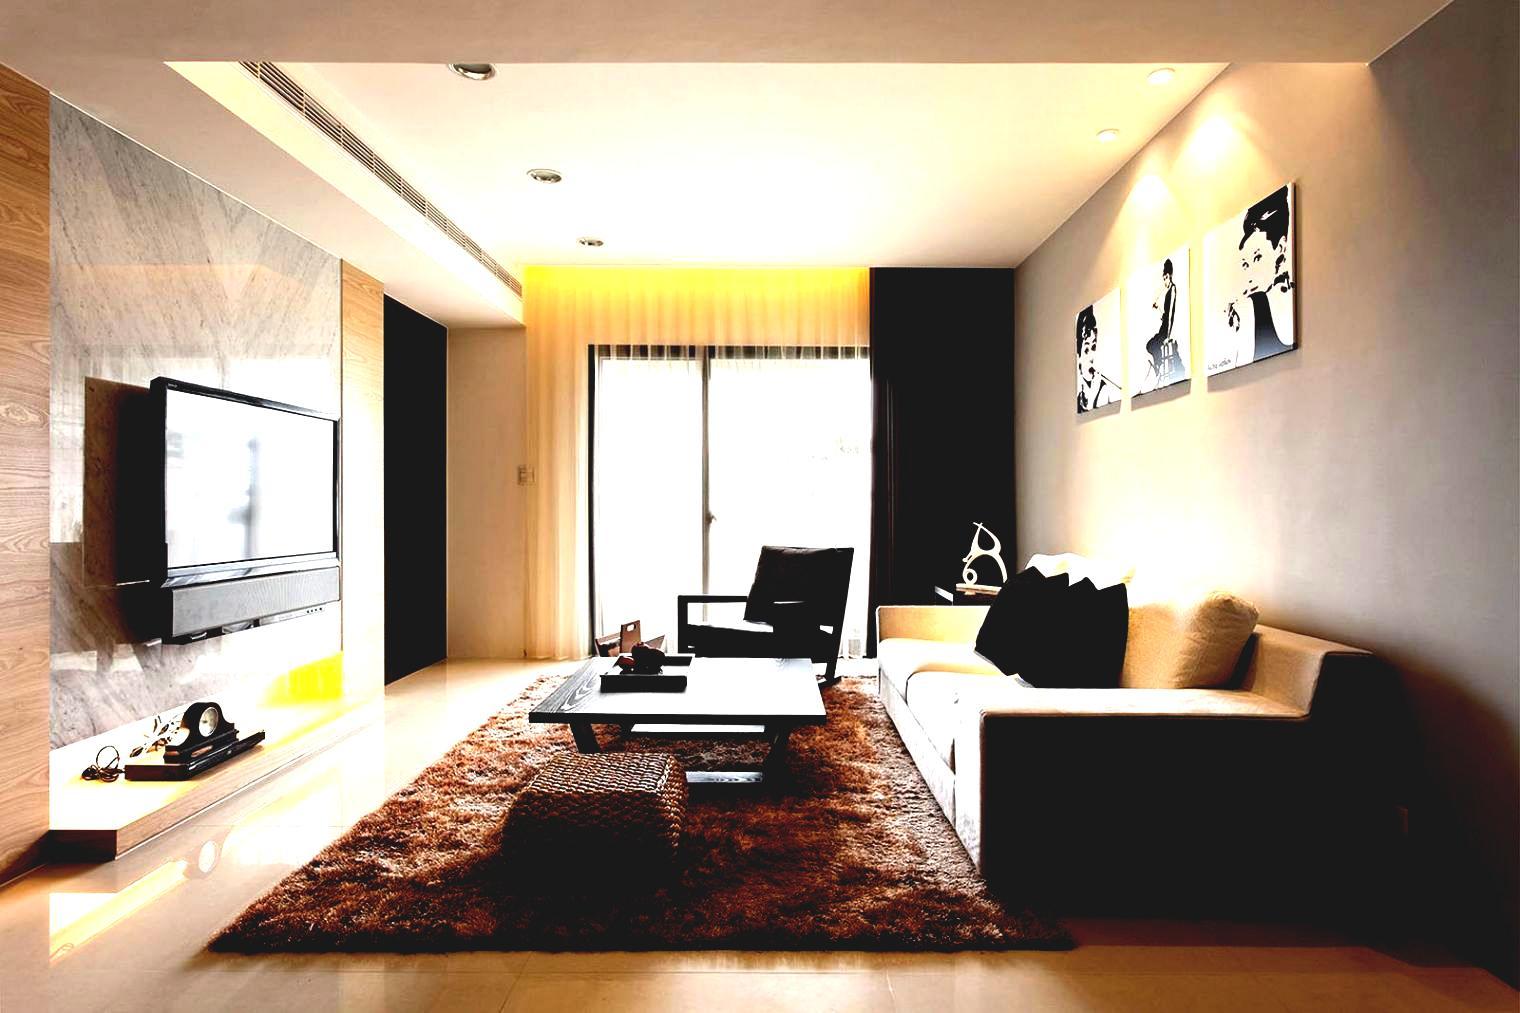 Дизайн интерьера квартиры фото 2016 современные идеи фото